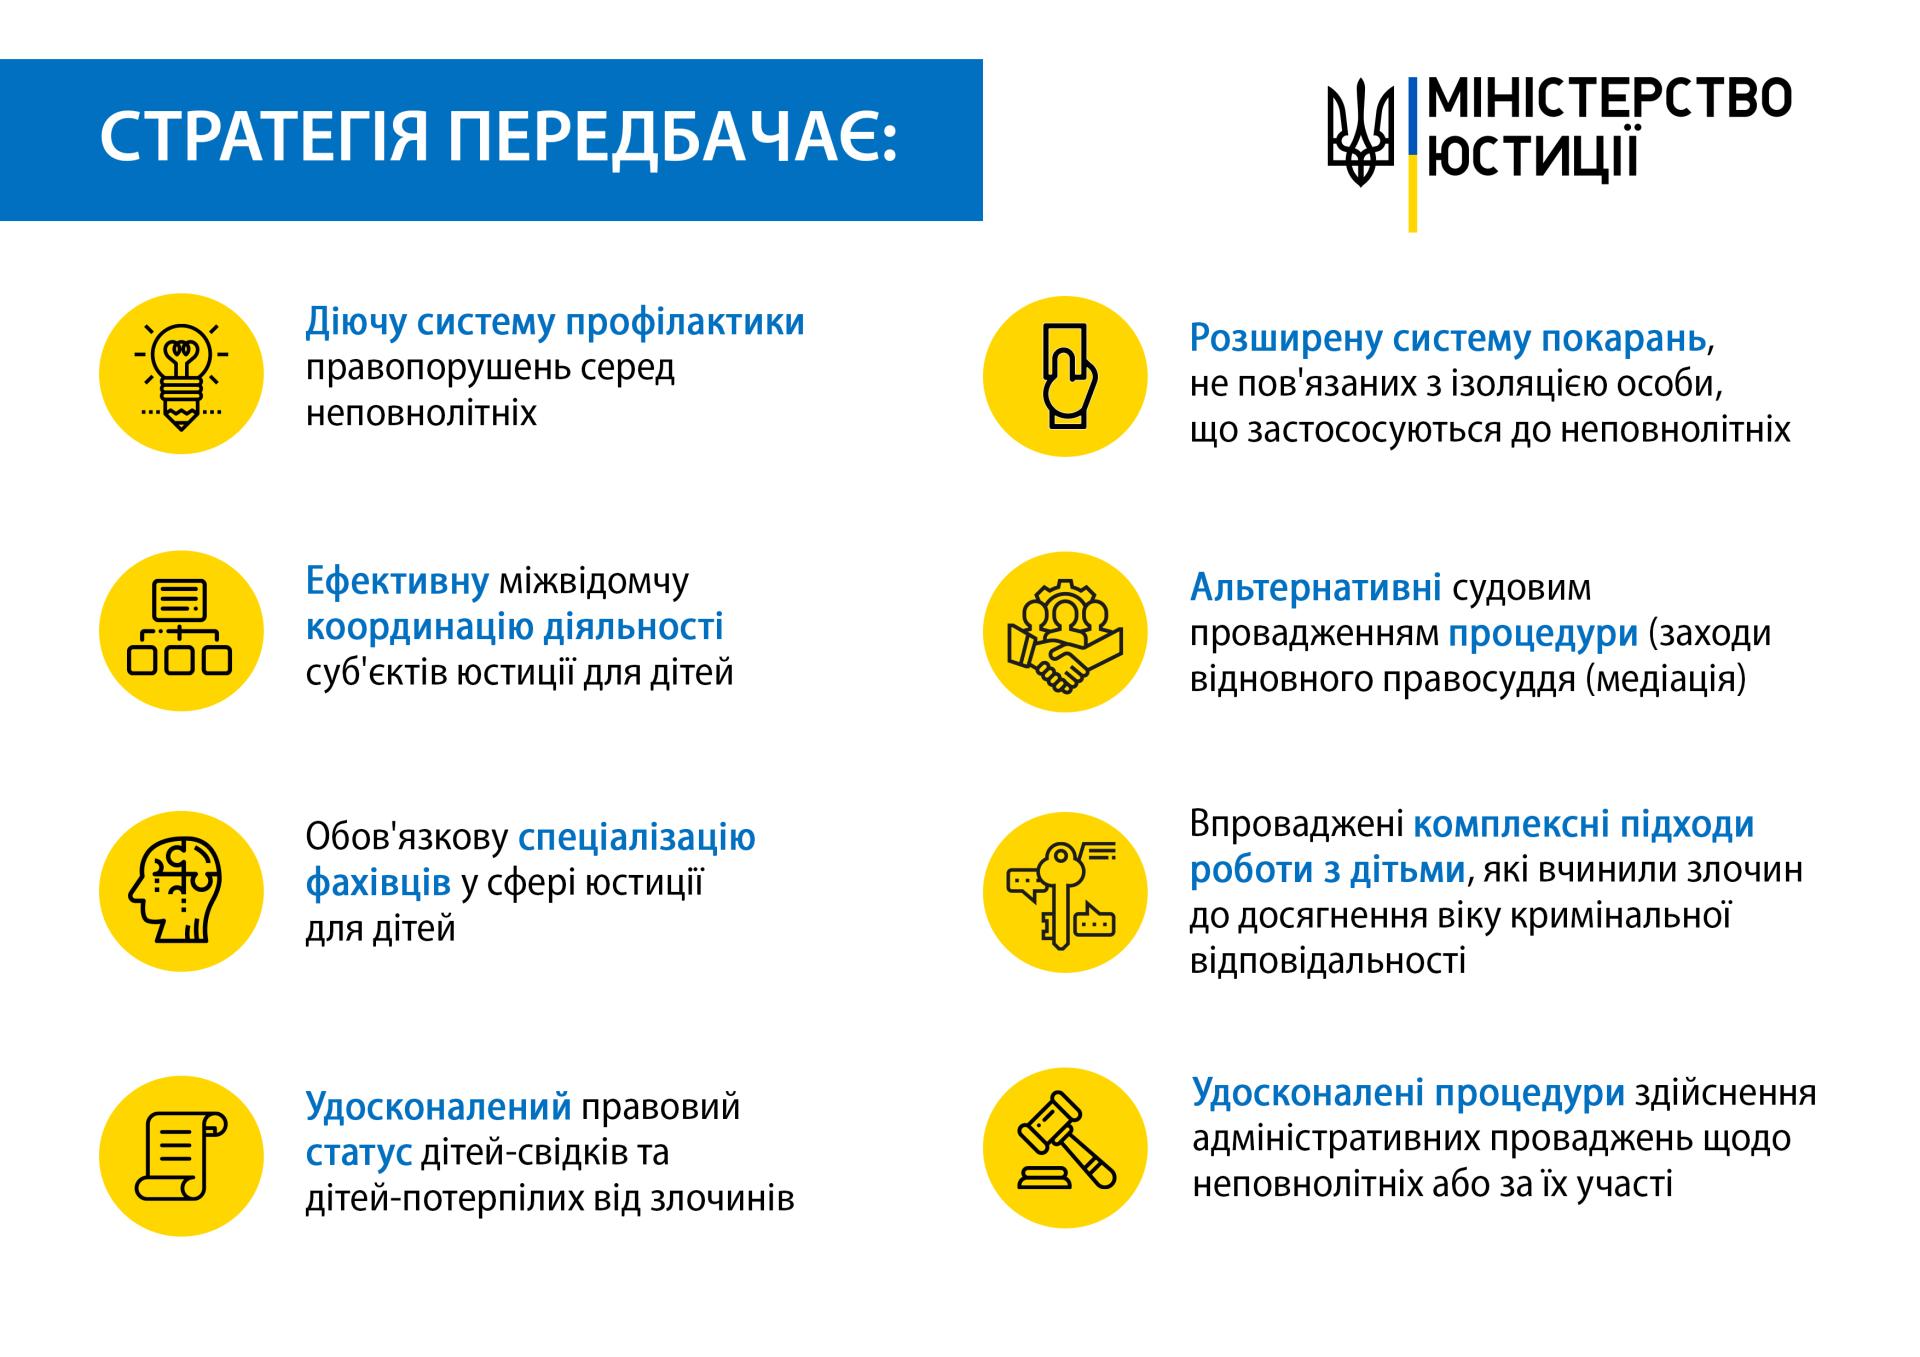 Олена Сукманова: Нацстратегія реформи юстиції для дітей стане основою для майбутніх законодавчих змін у цій сфері